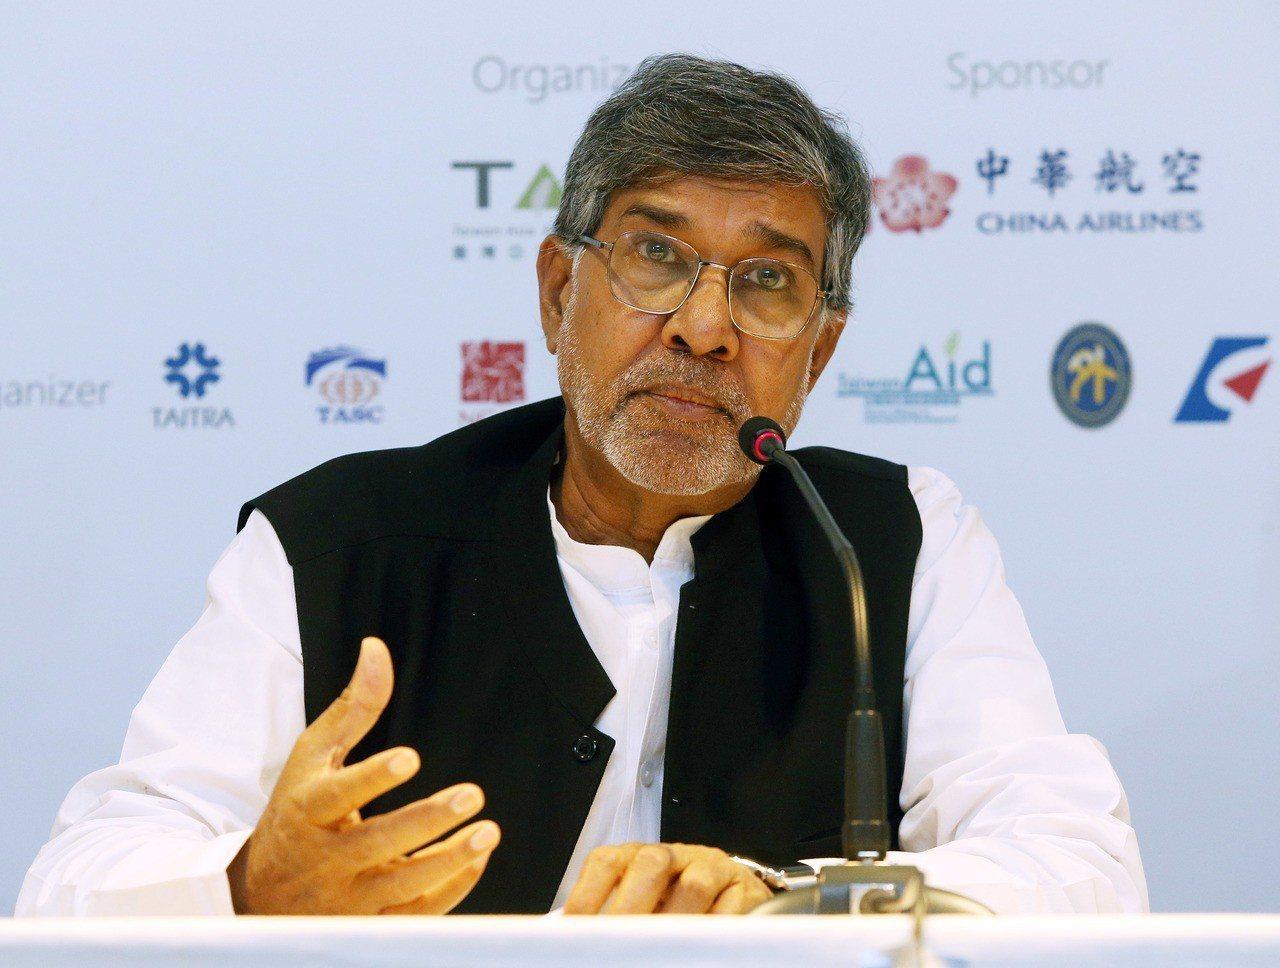 2014年諾貝爾和平獎得主沙提雅提(Kailash Satyarthi)。 中央...